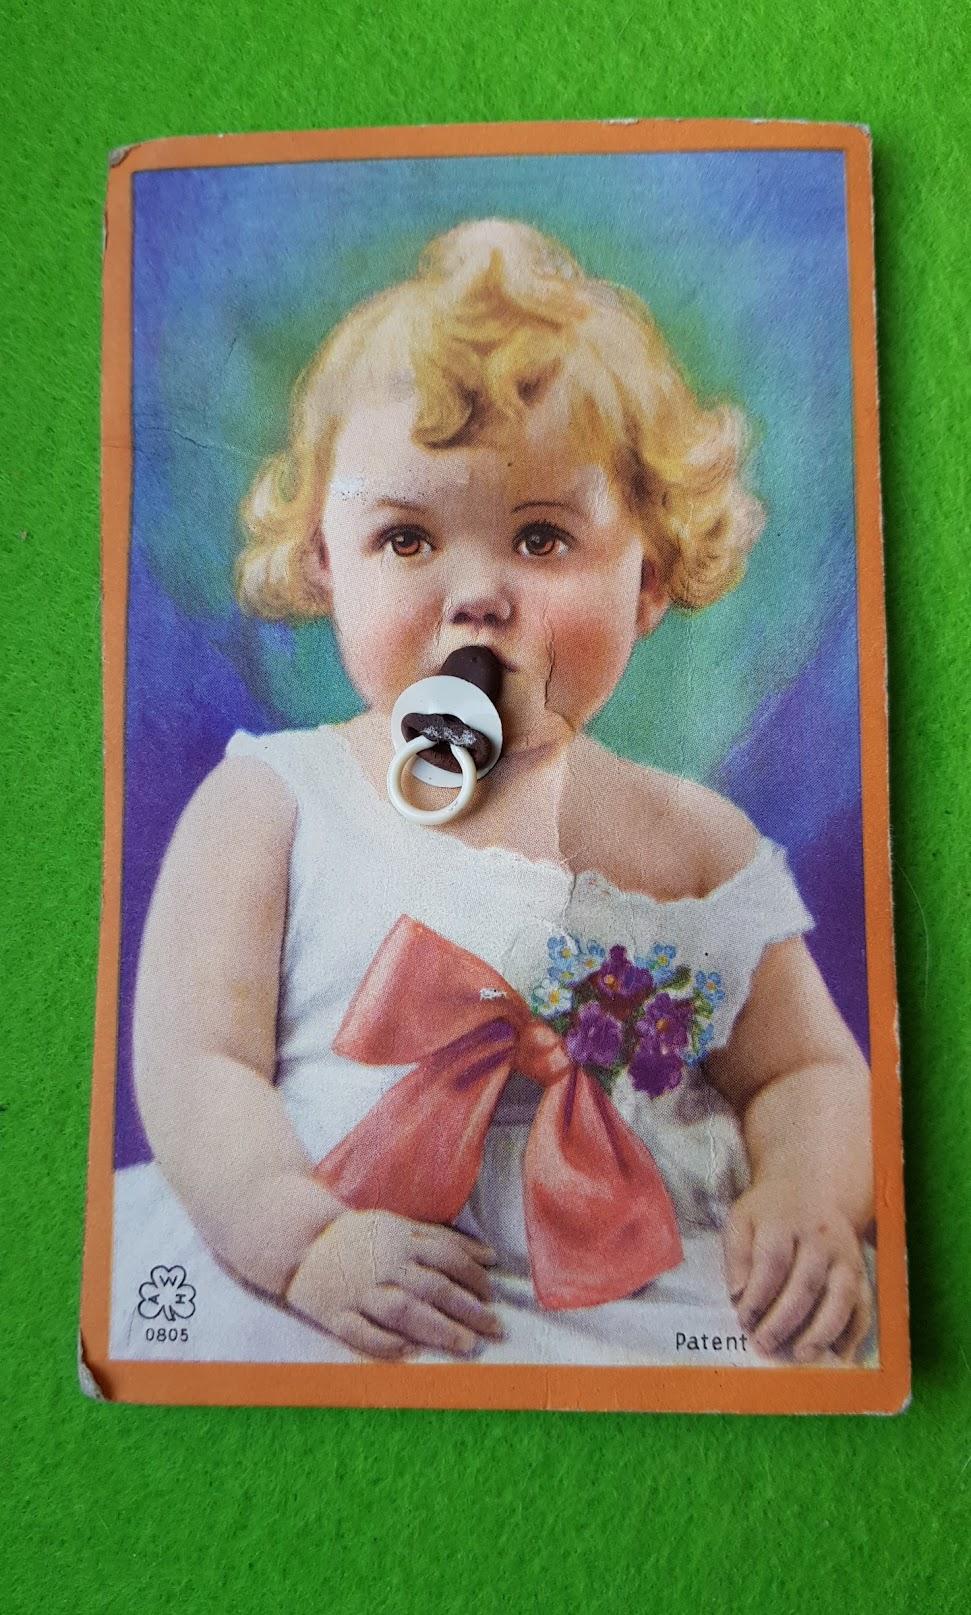 Baby-Postkarte von 1928